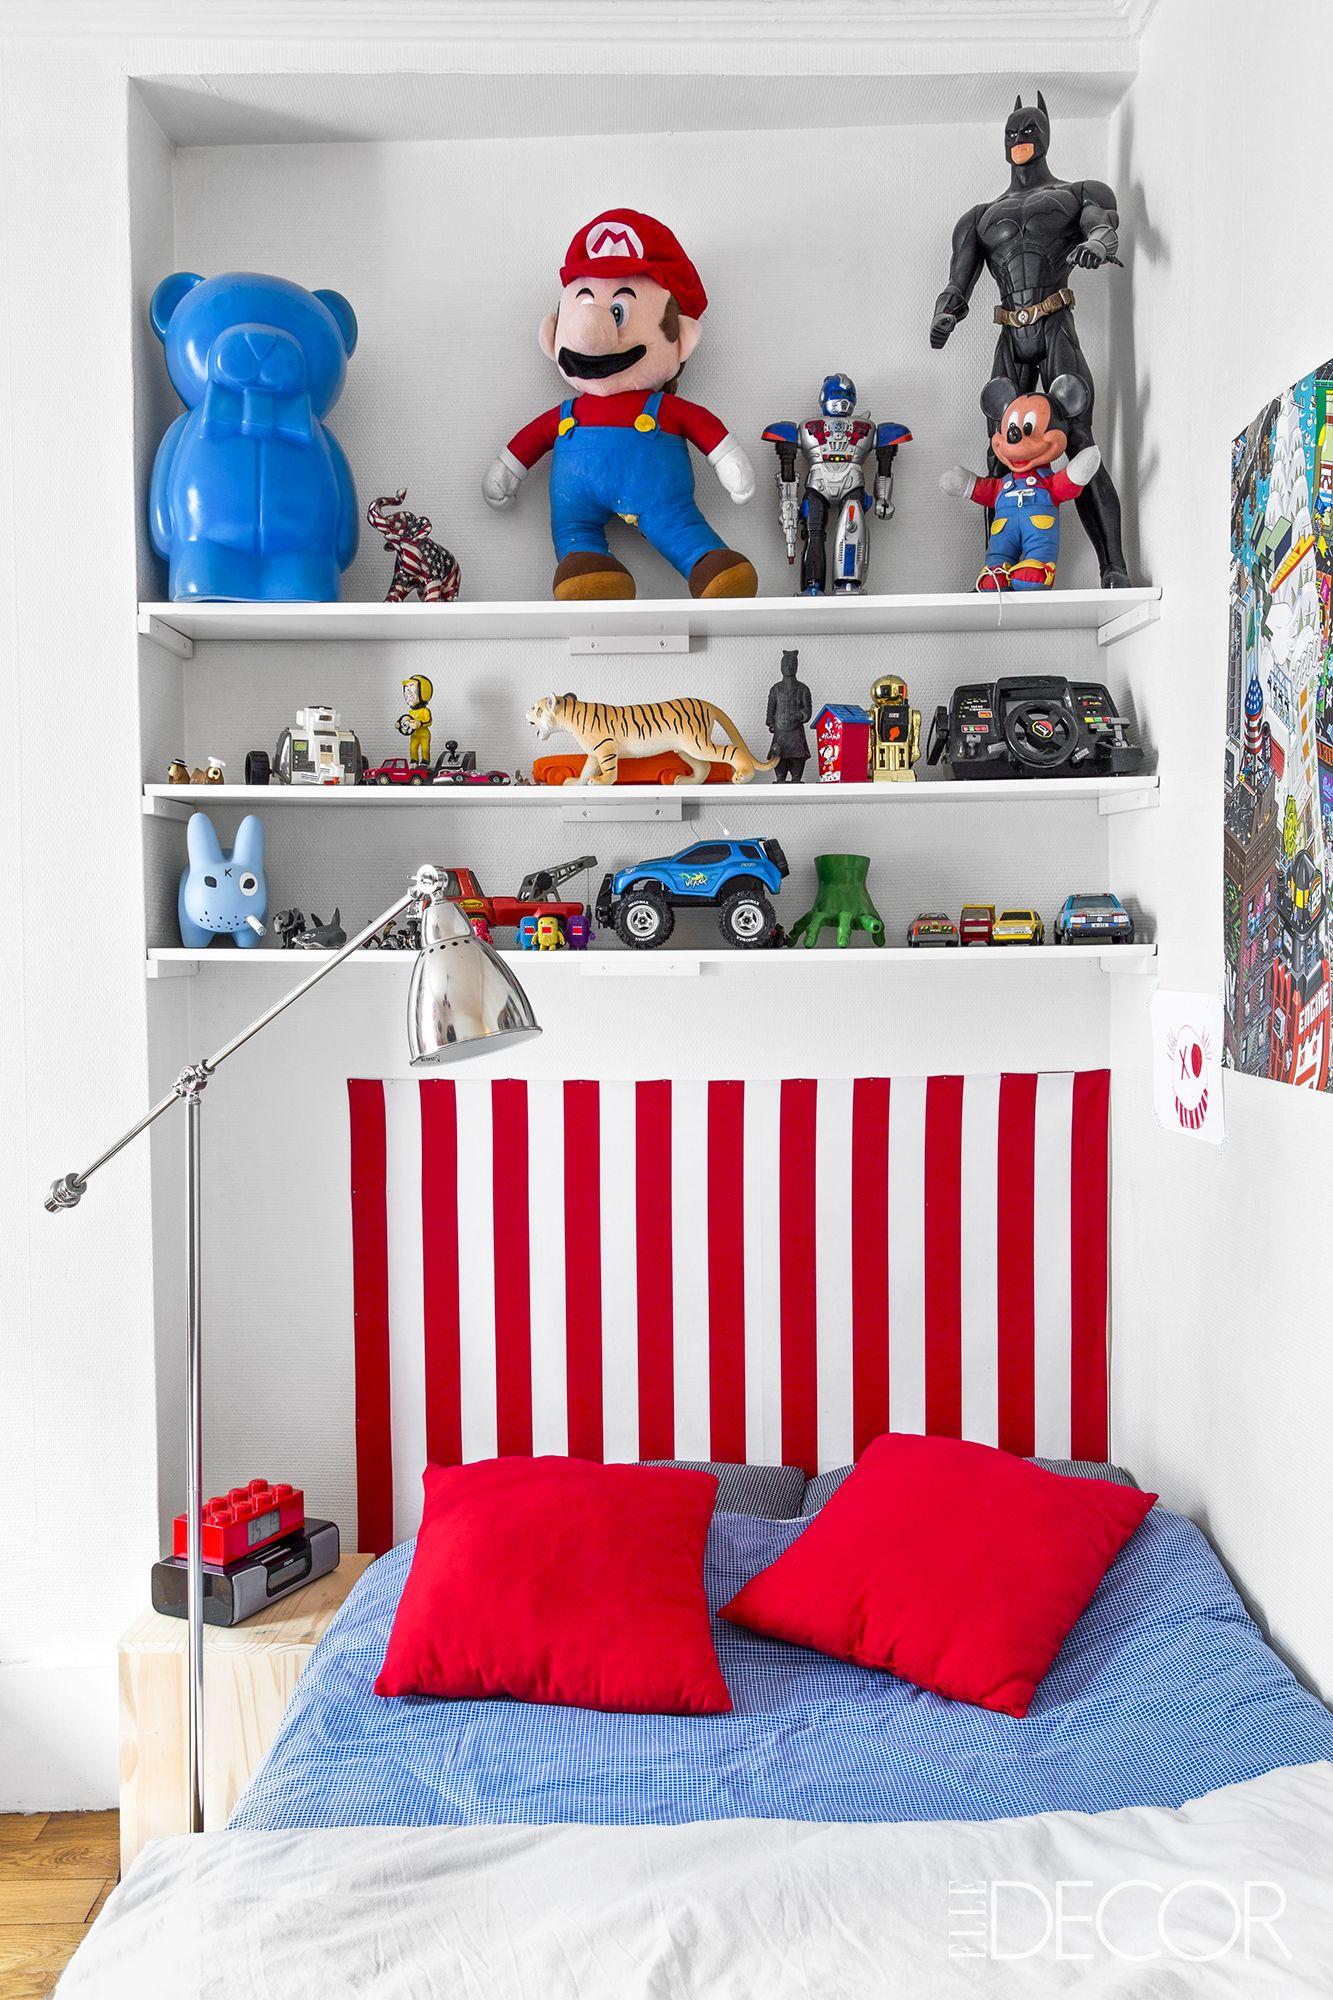 18 cool kids room decorating ideas kids room decor rh elledecor com kids room decorating ideas on a budget kids room decorating ideas for small rooms